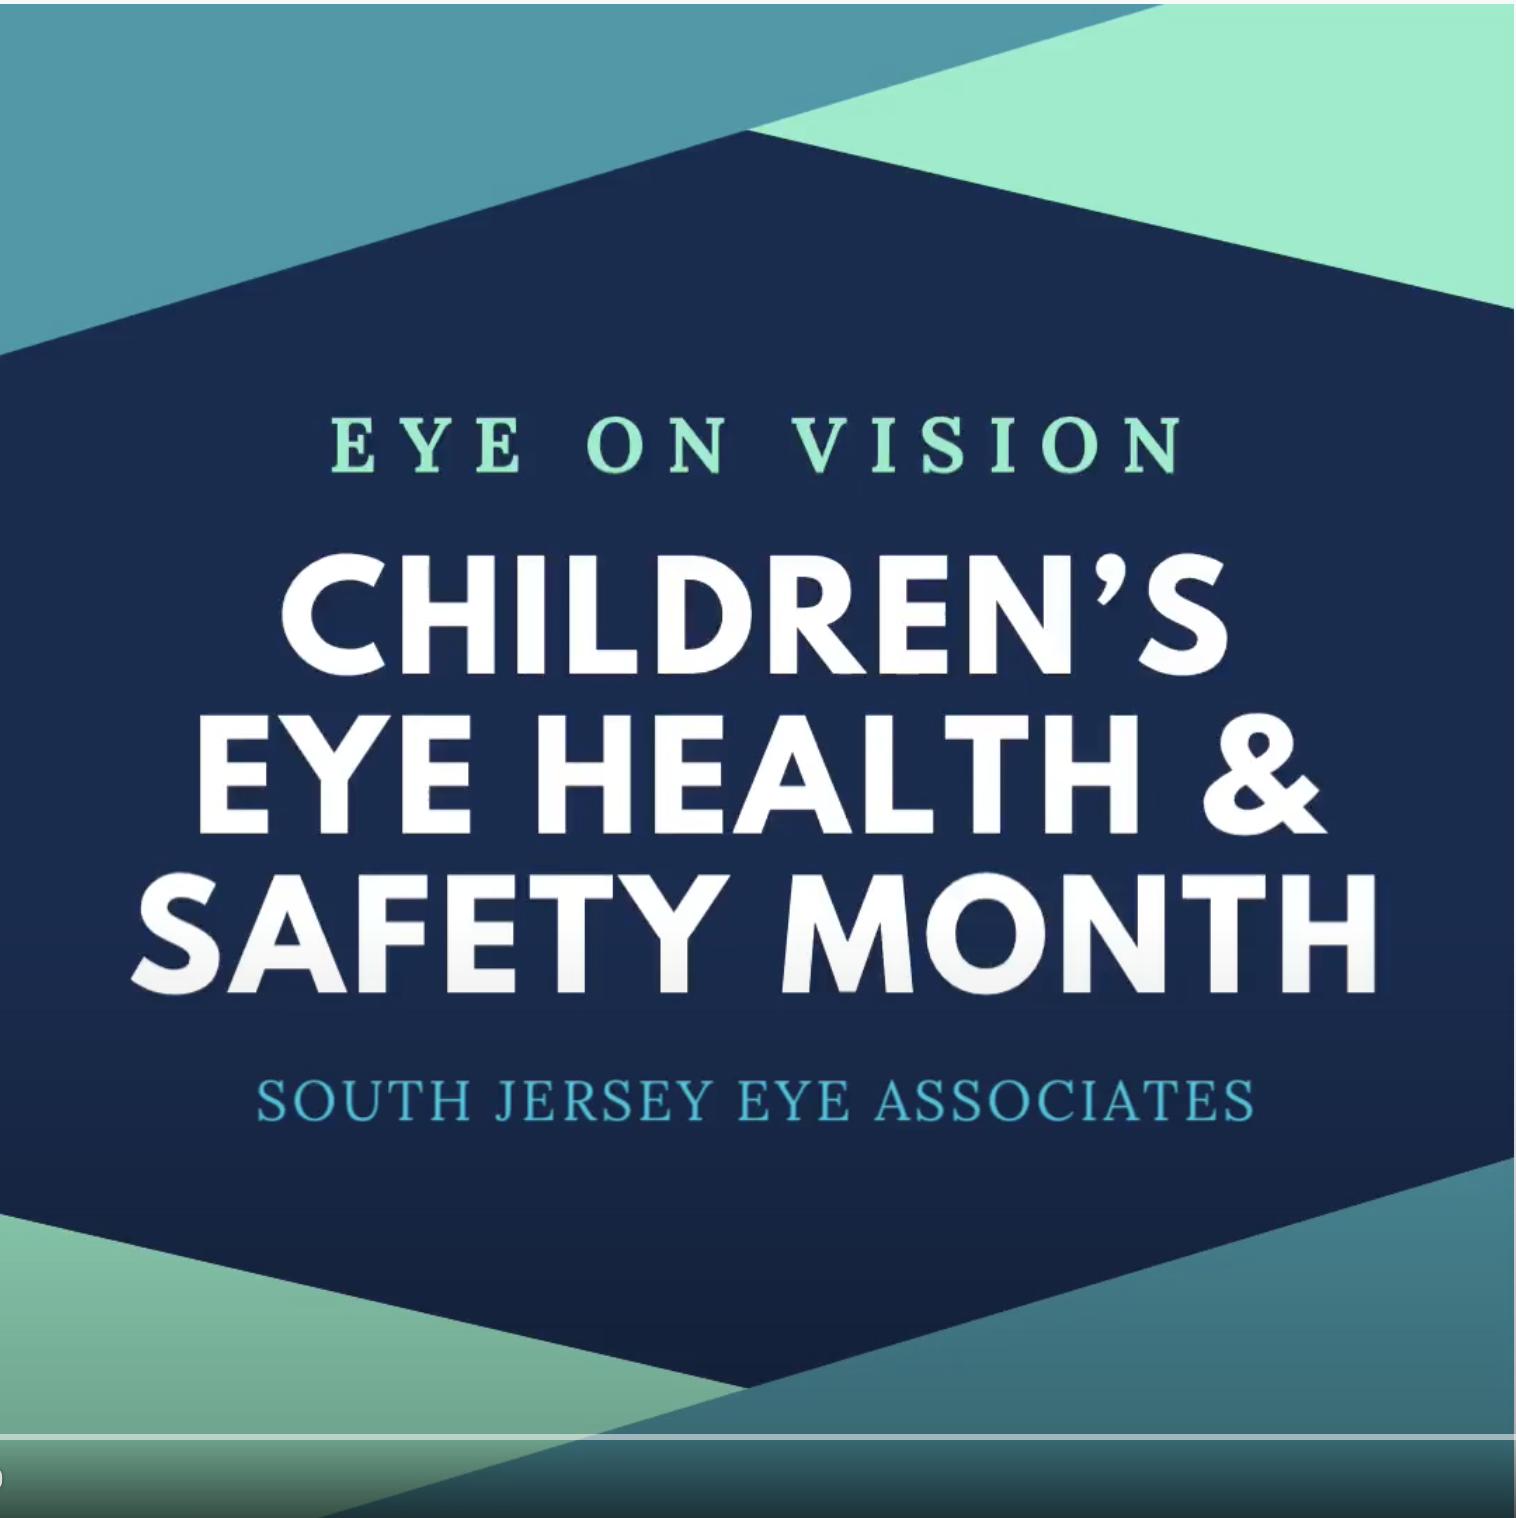 Eye on Vison: Children's Eye Health & Safety Month